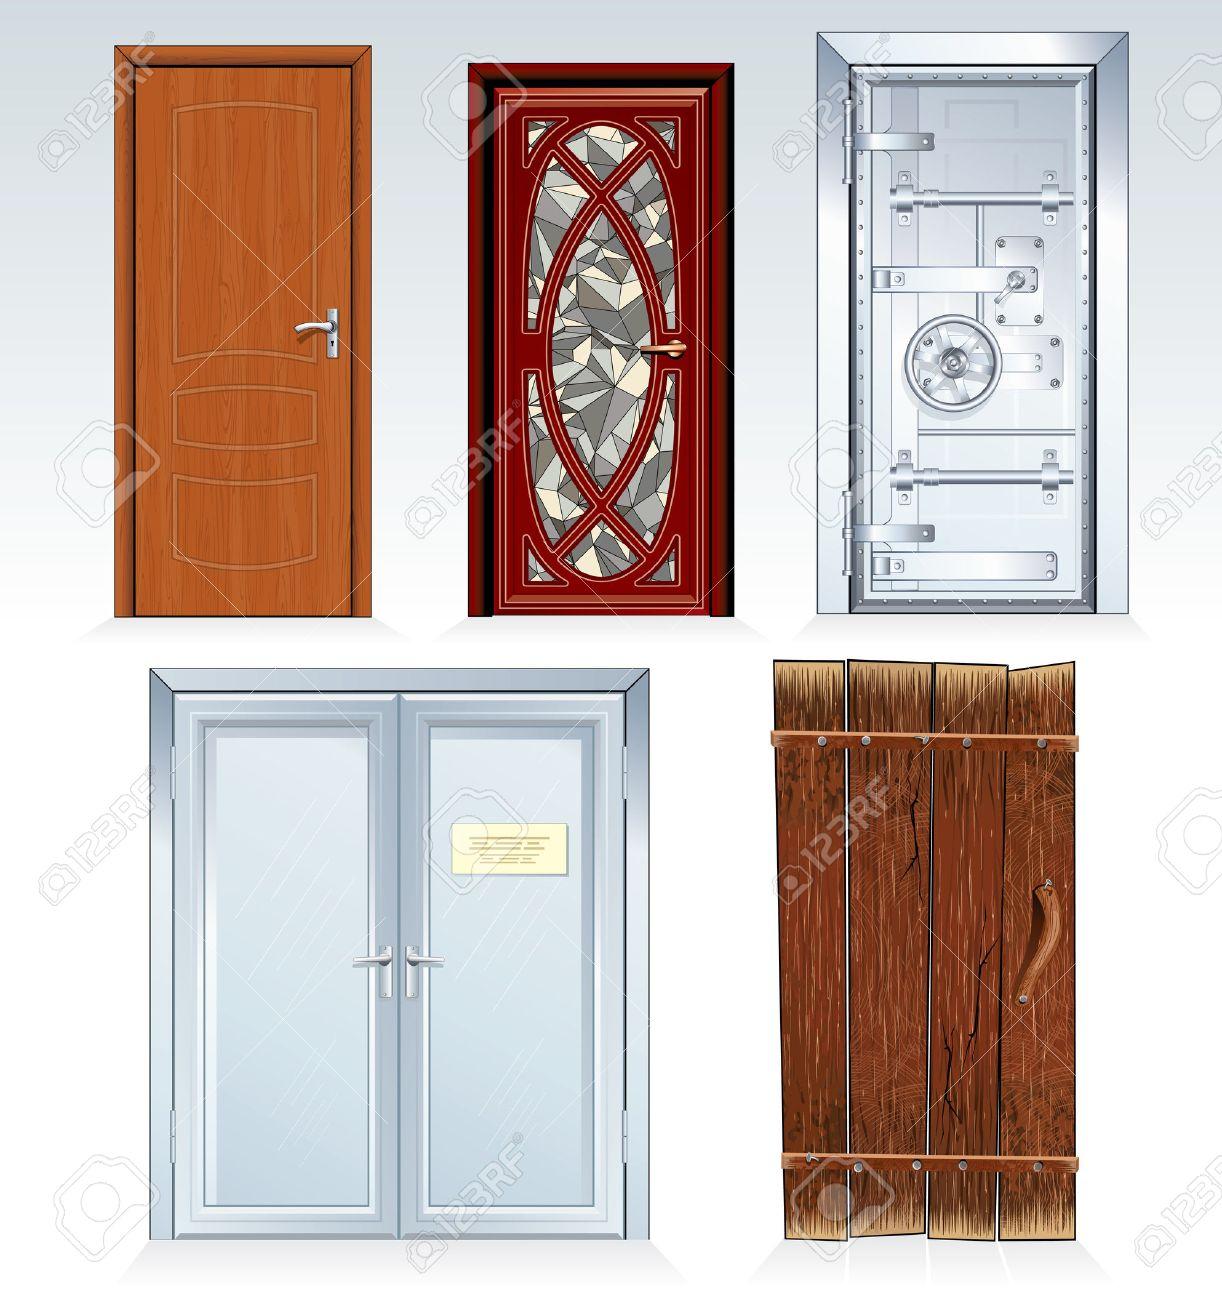 Collection of standard Doors -inc classic wooden door front door bank vault  sc 1 st  123RF.com & Collection Of Standard Doors -inc Classic Wooden Door Front ...